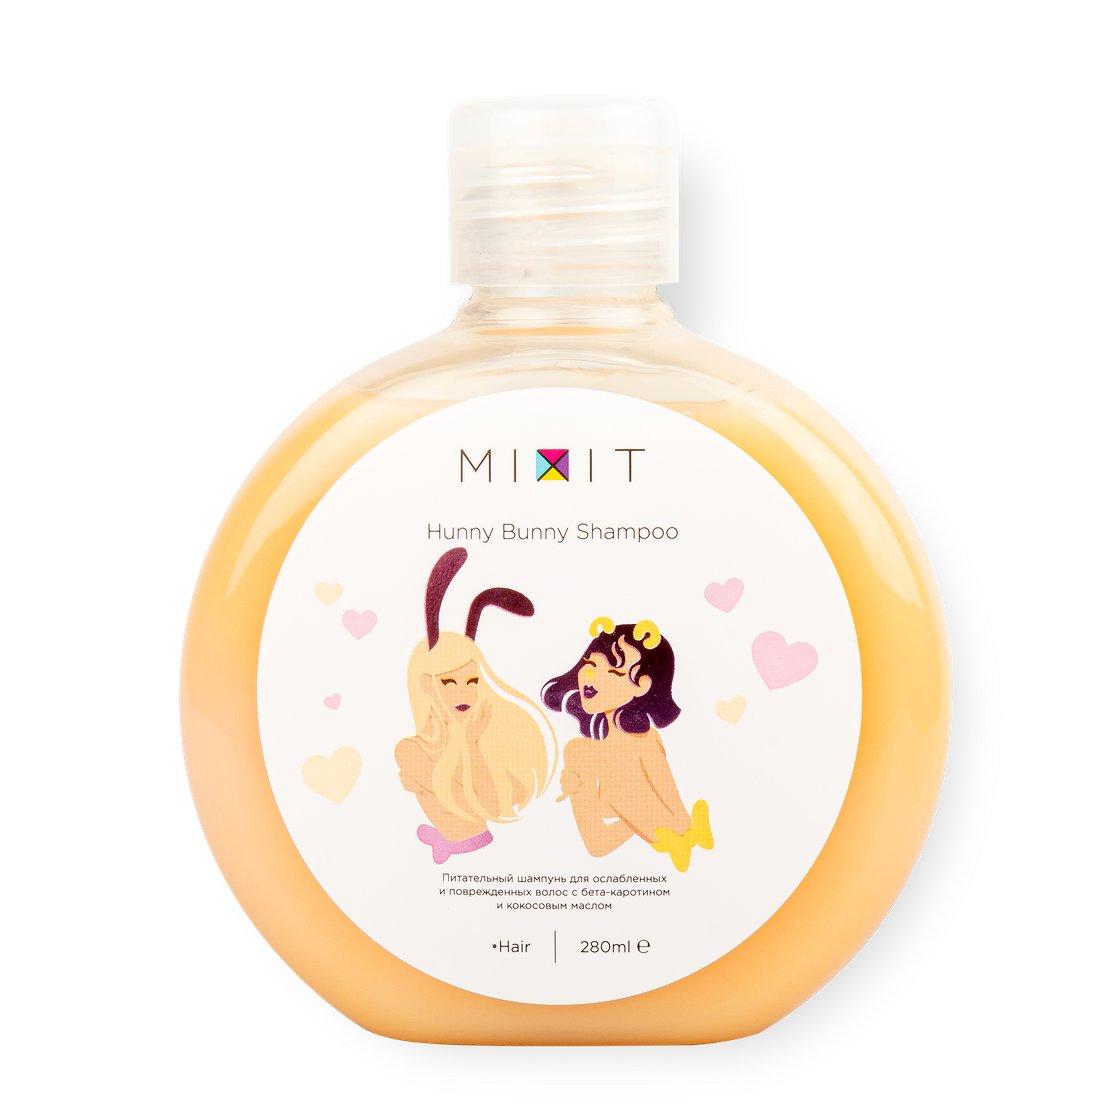 Питательный шампунь для ослабленных волос, 280 мл Mixit